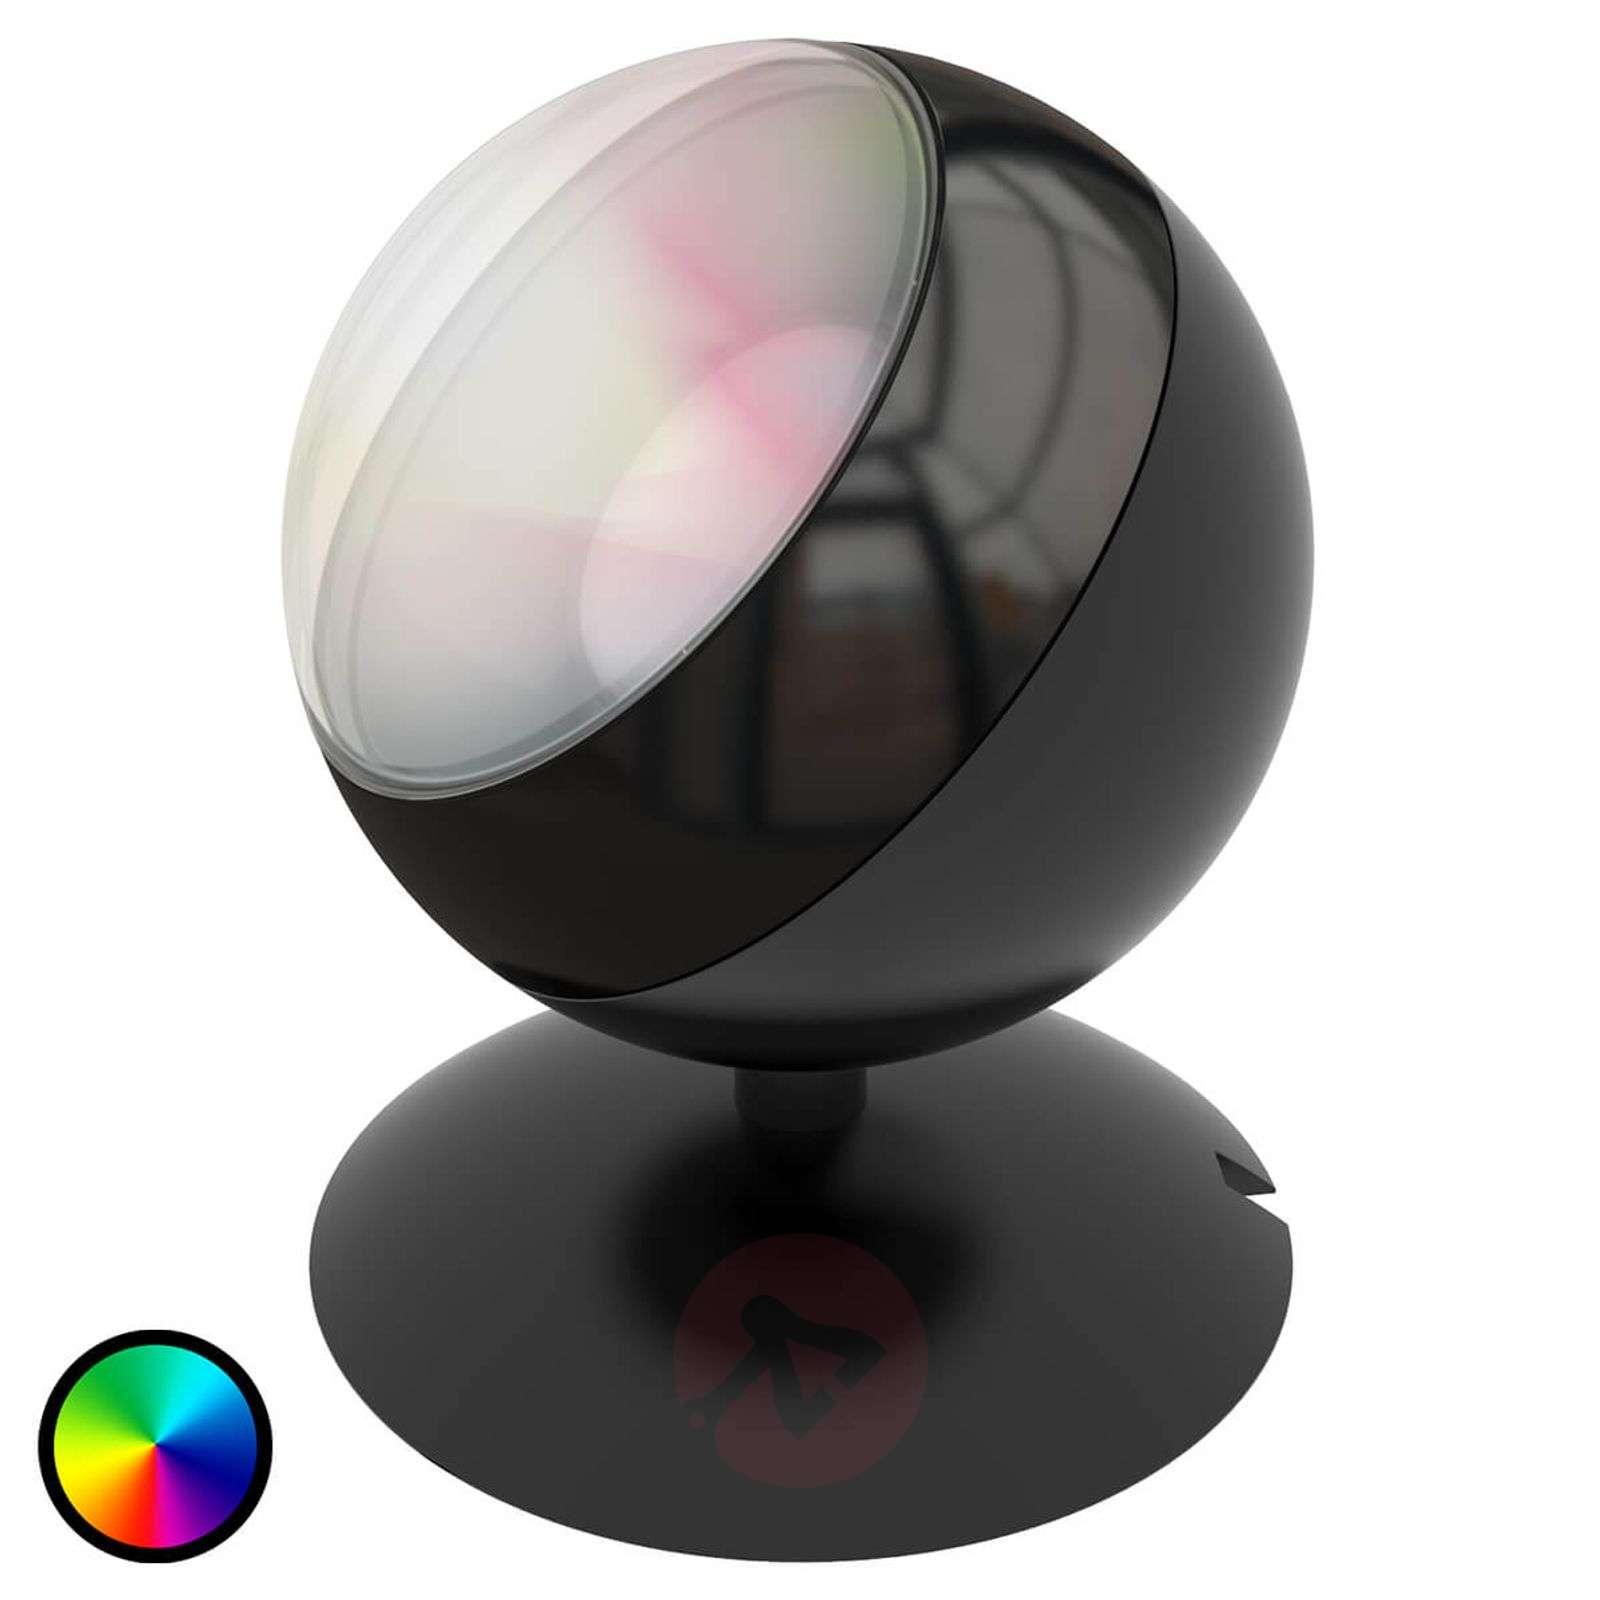 LED-pöytälamppu Quest WiZ mustana-9038092-01